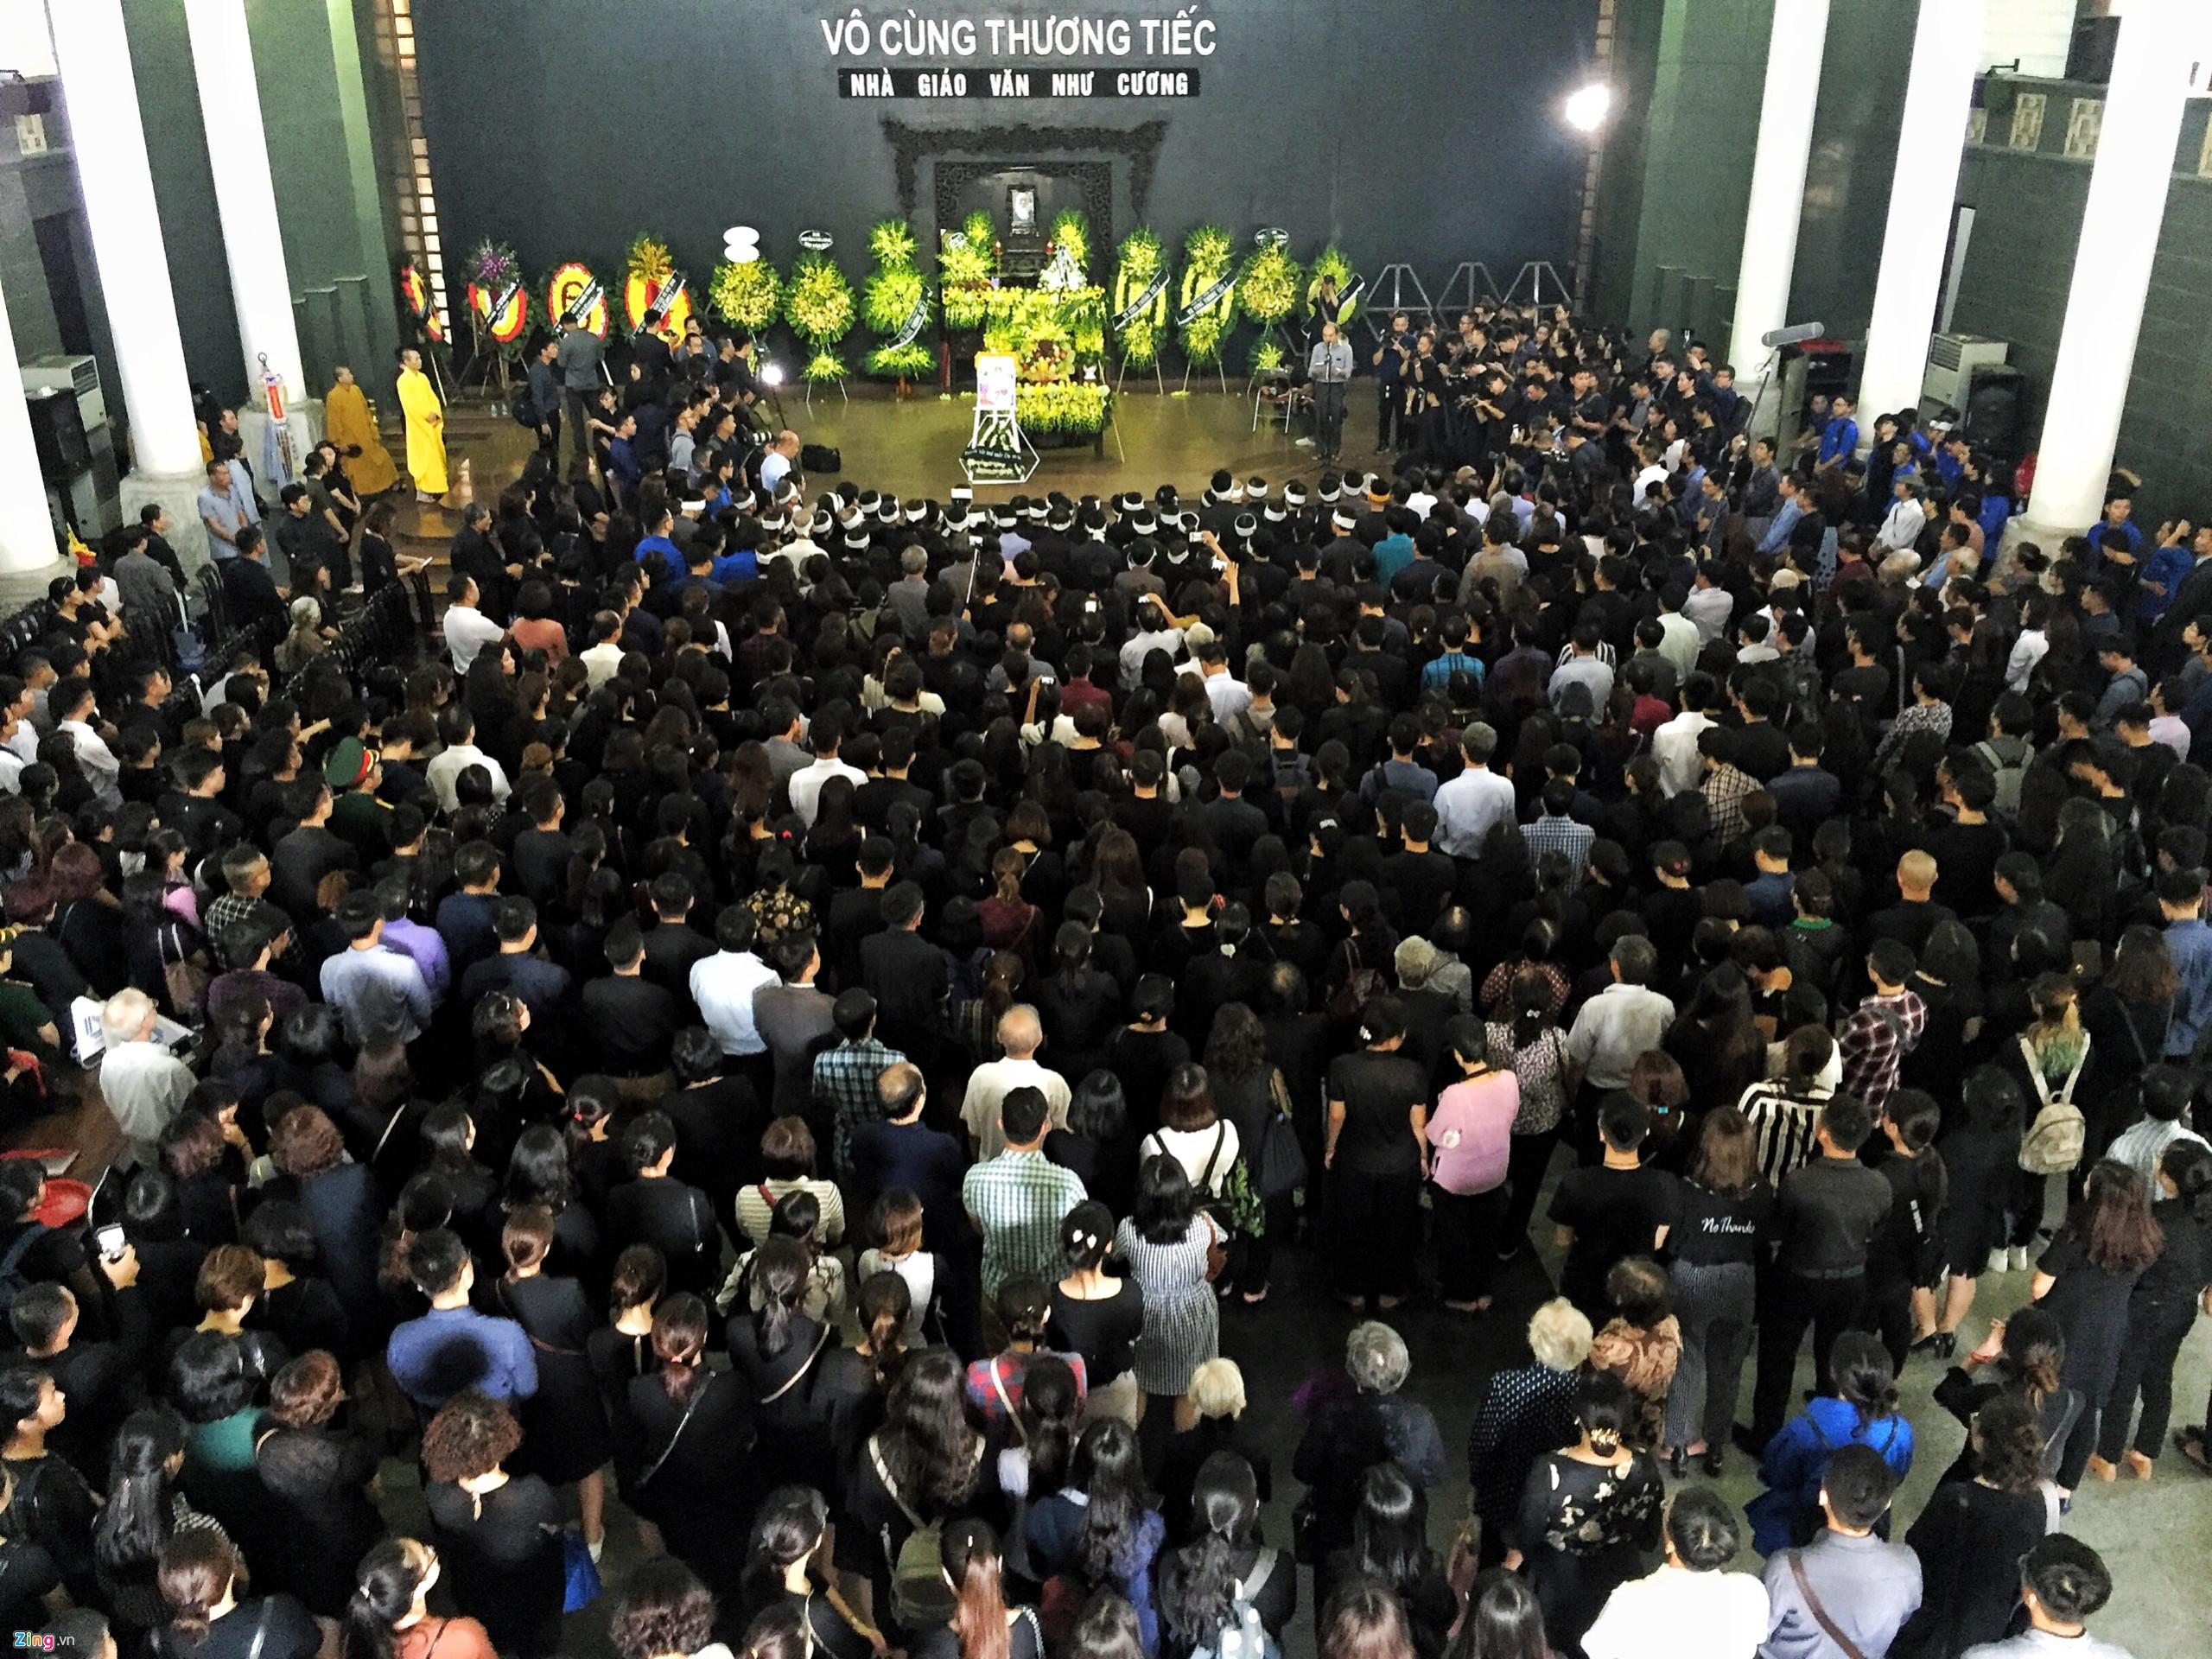 Rất đông đồng nghiệp, cựu học sinh và học sinh trường Lương Thế Vinh các thế hệ đã đến tiễn đưa nhà giáo.